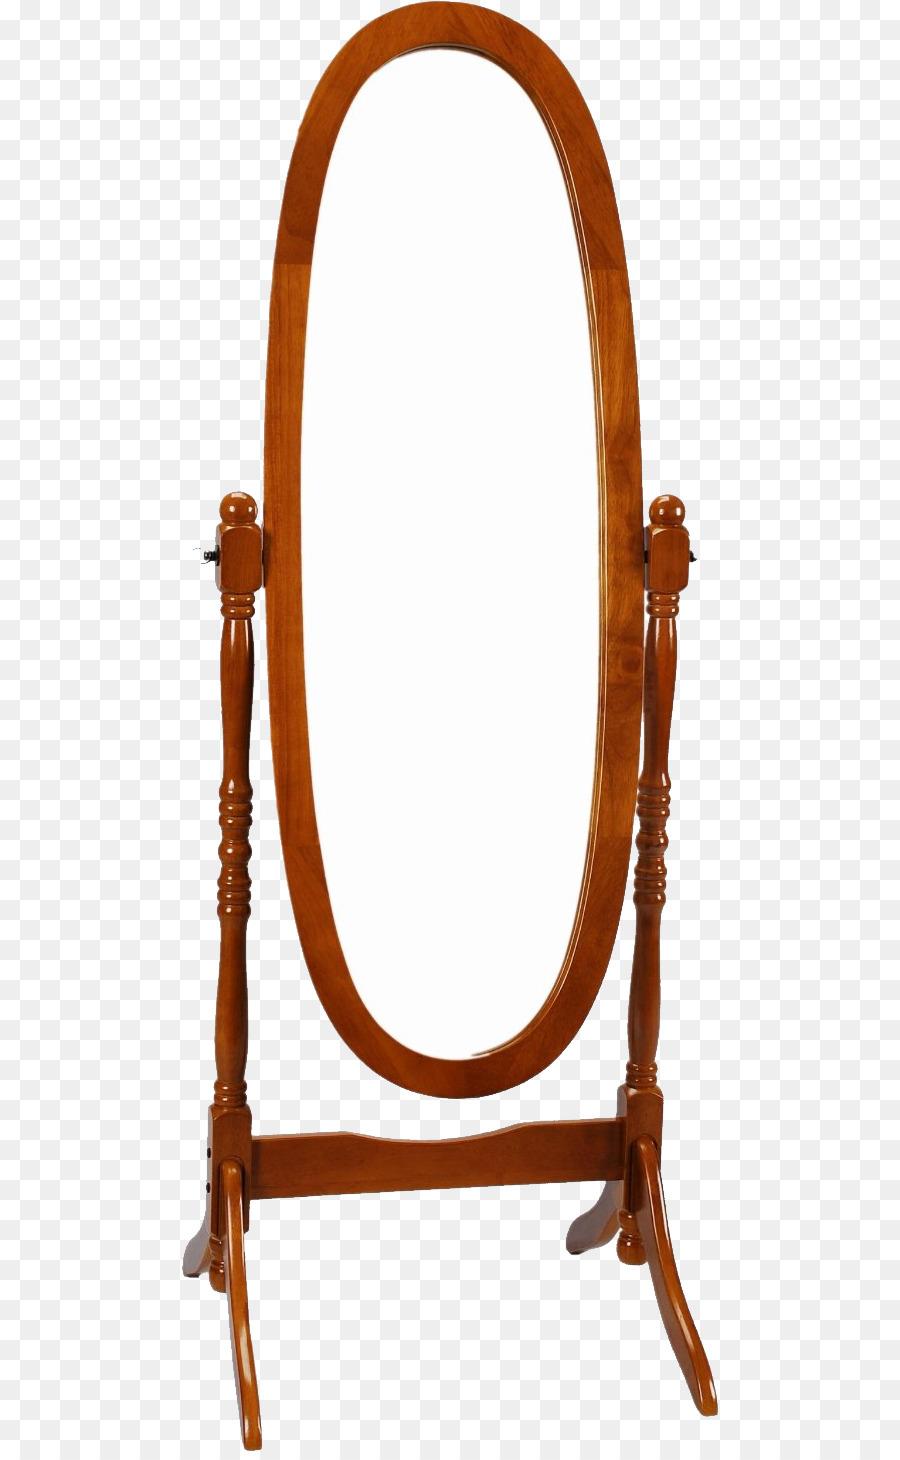 Espejo Marco De Madera De Roble Claro - espejo Formatos De Archivo ...